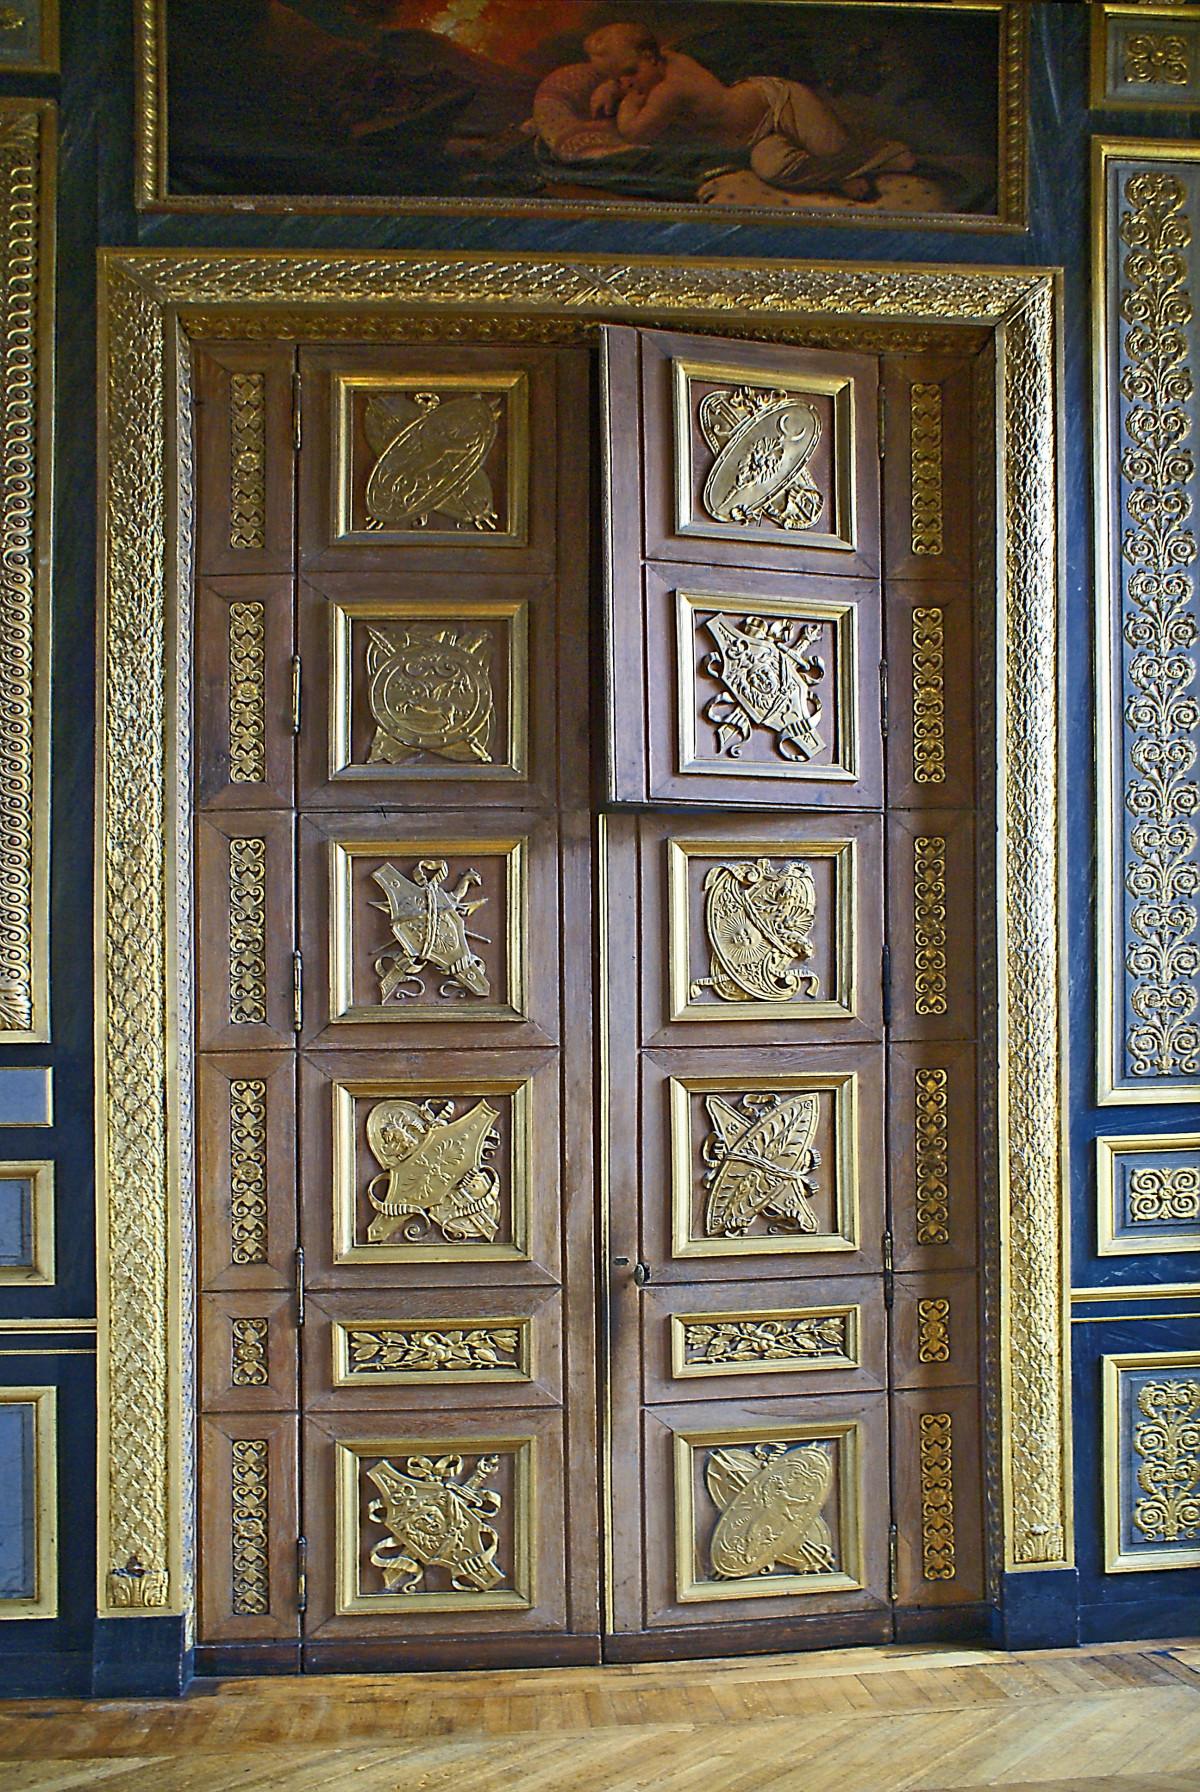 Gratis afbeeldingen hout stad ingang kleur itali meubilair deur schilderij kleuren - Kleur schilderij ingang ...